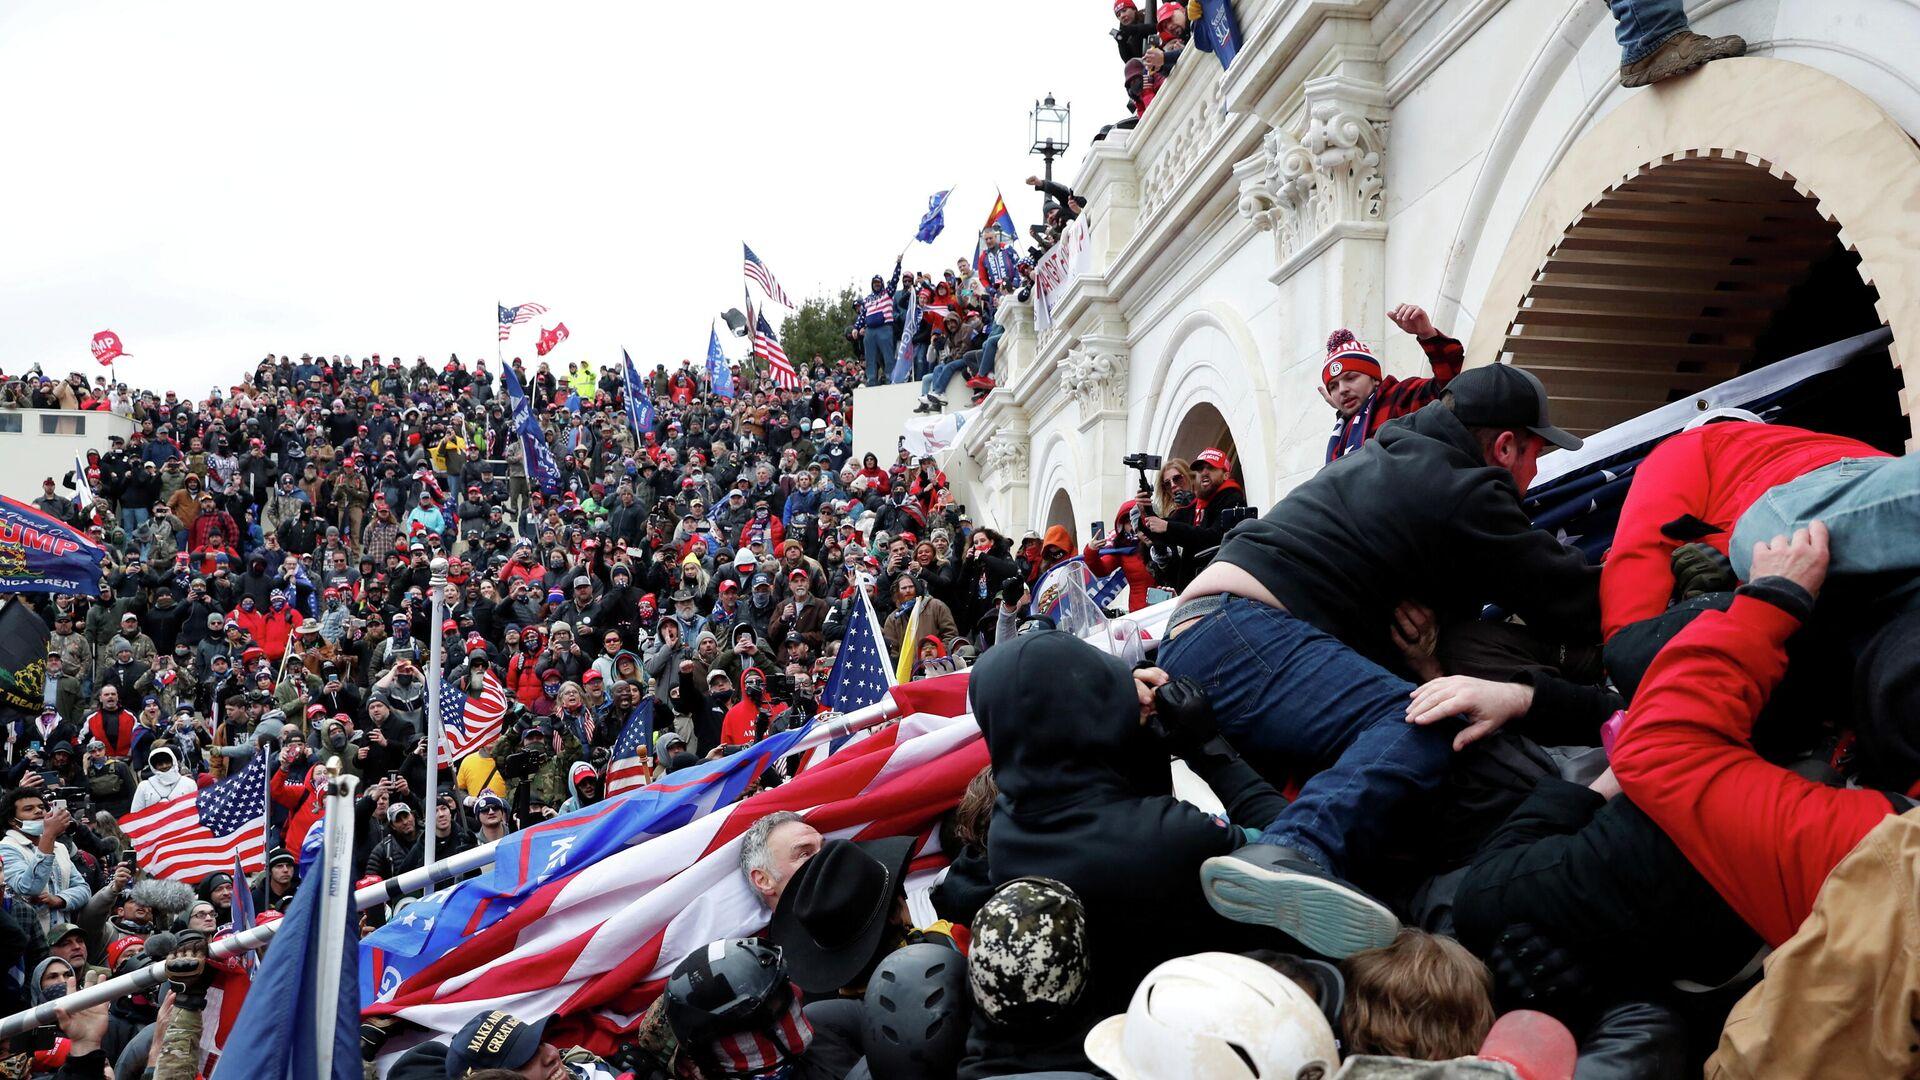 Участники акции сторонников действующего президента США Дональда Трампа у здания конгресса в Вашингтоне - РИА Новости, 1920, 09.01.2021